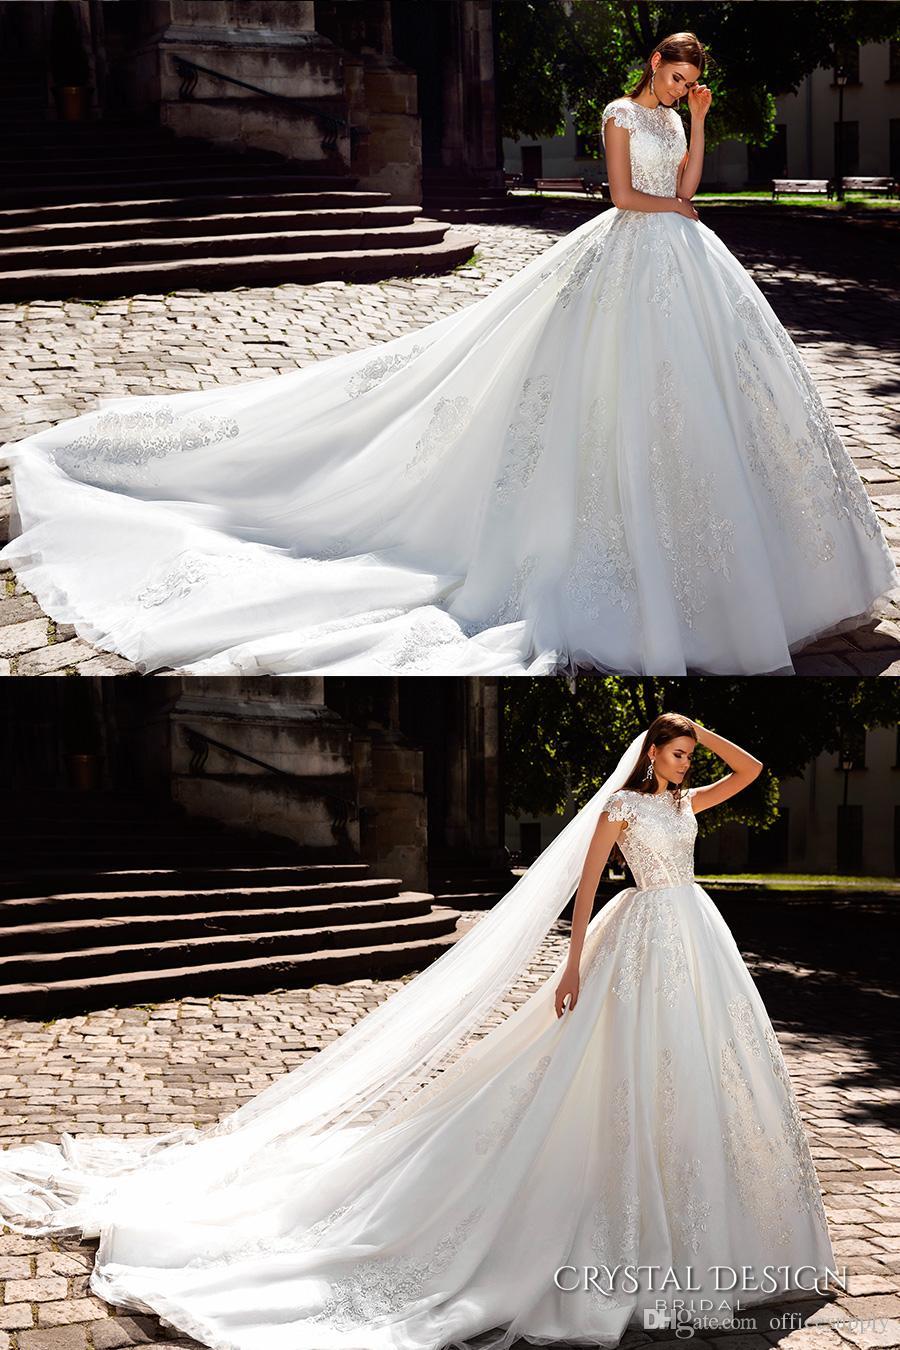 Robes De Noiva 2018 Robes De Mariée De Luxe avec Manches En Dentelle Perlée Appliqued Cathédrale Robes De Mariée Sur Mesure